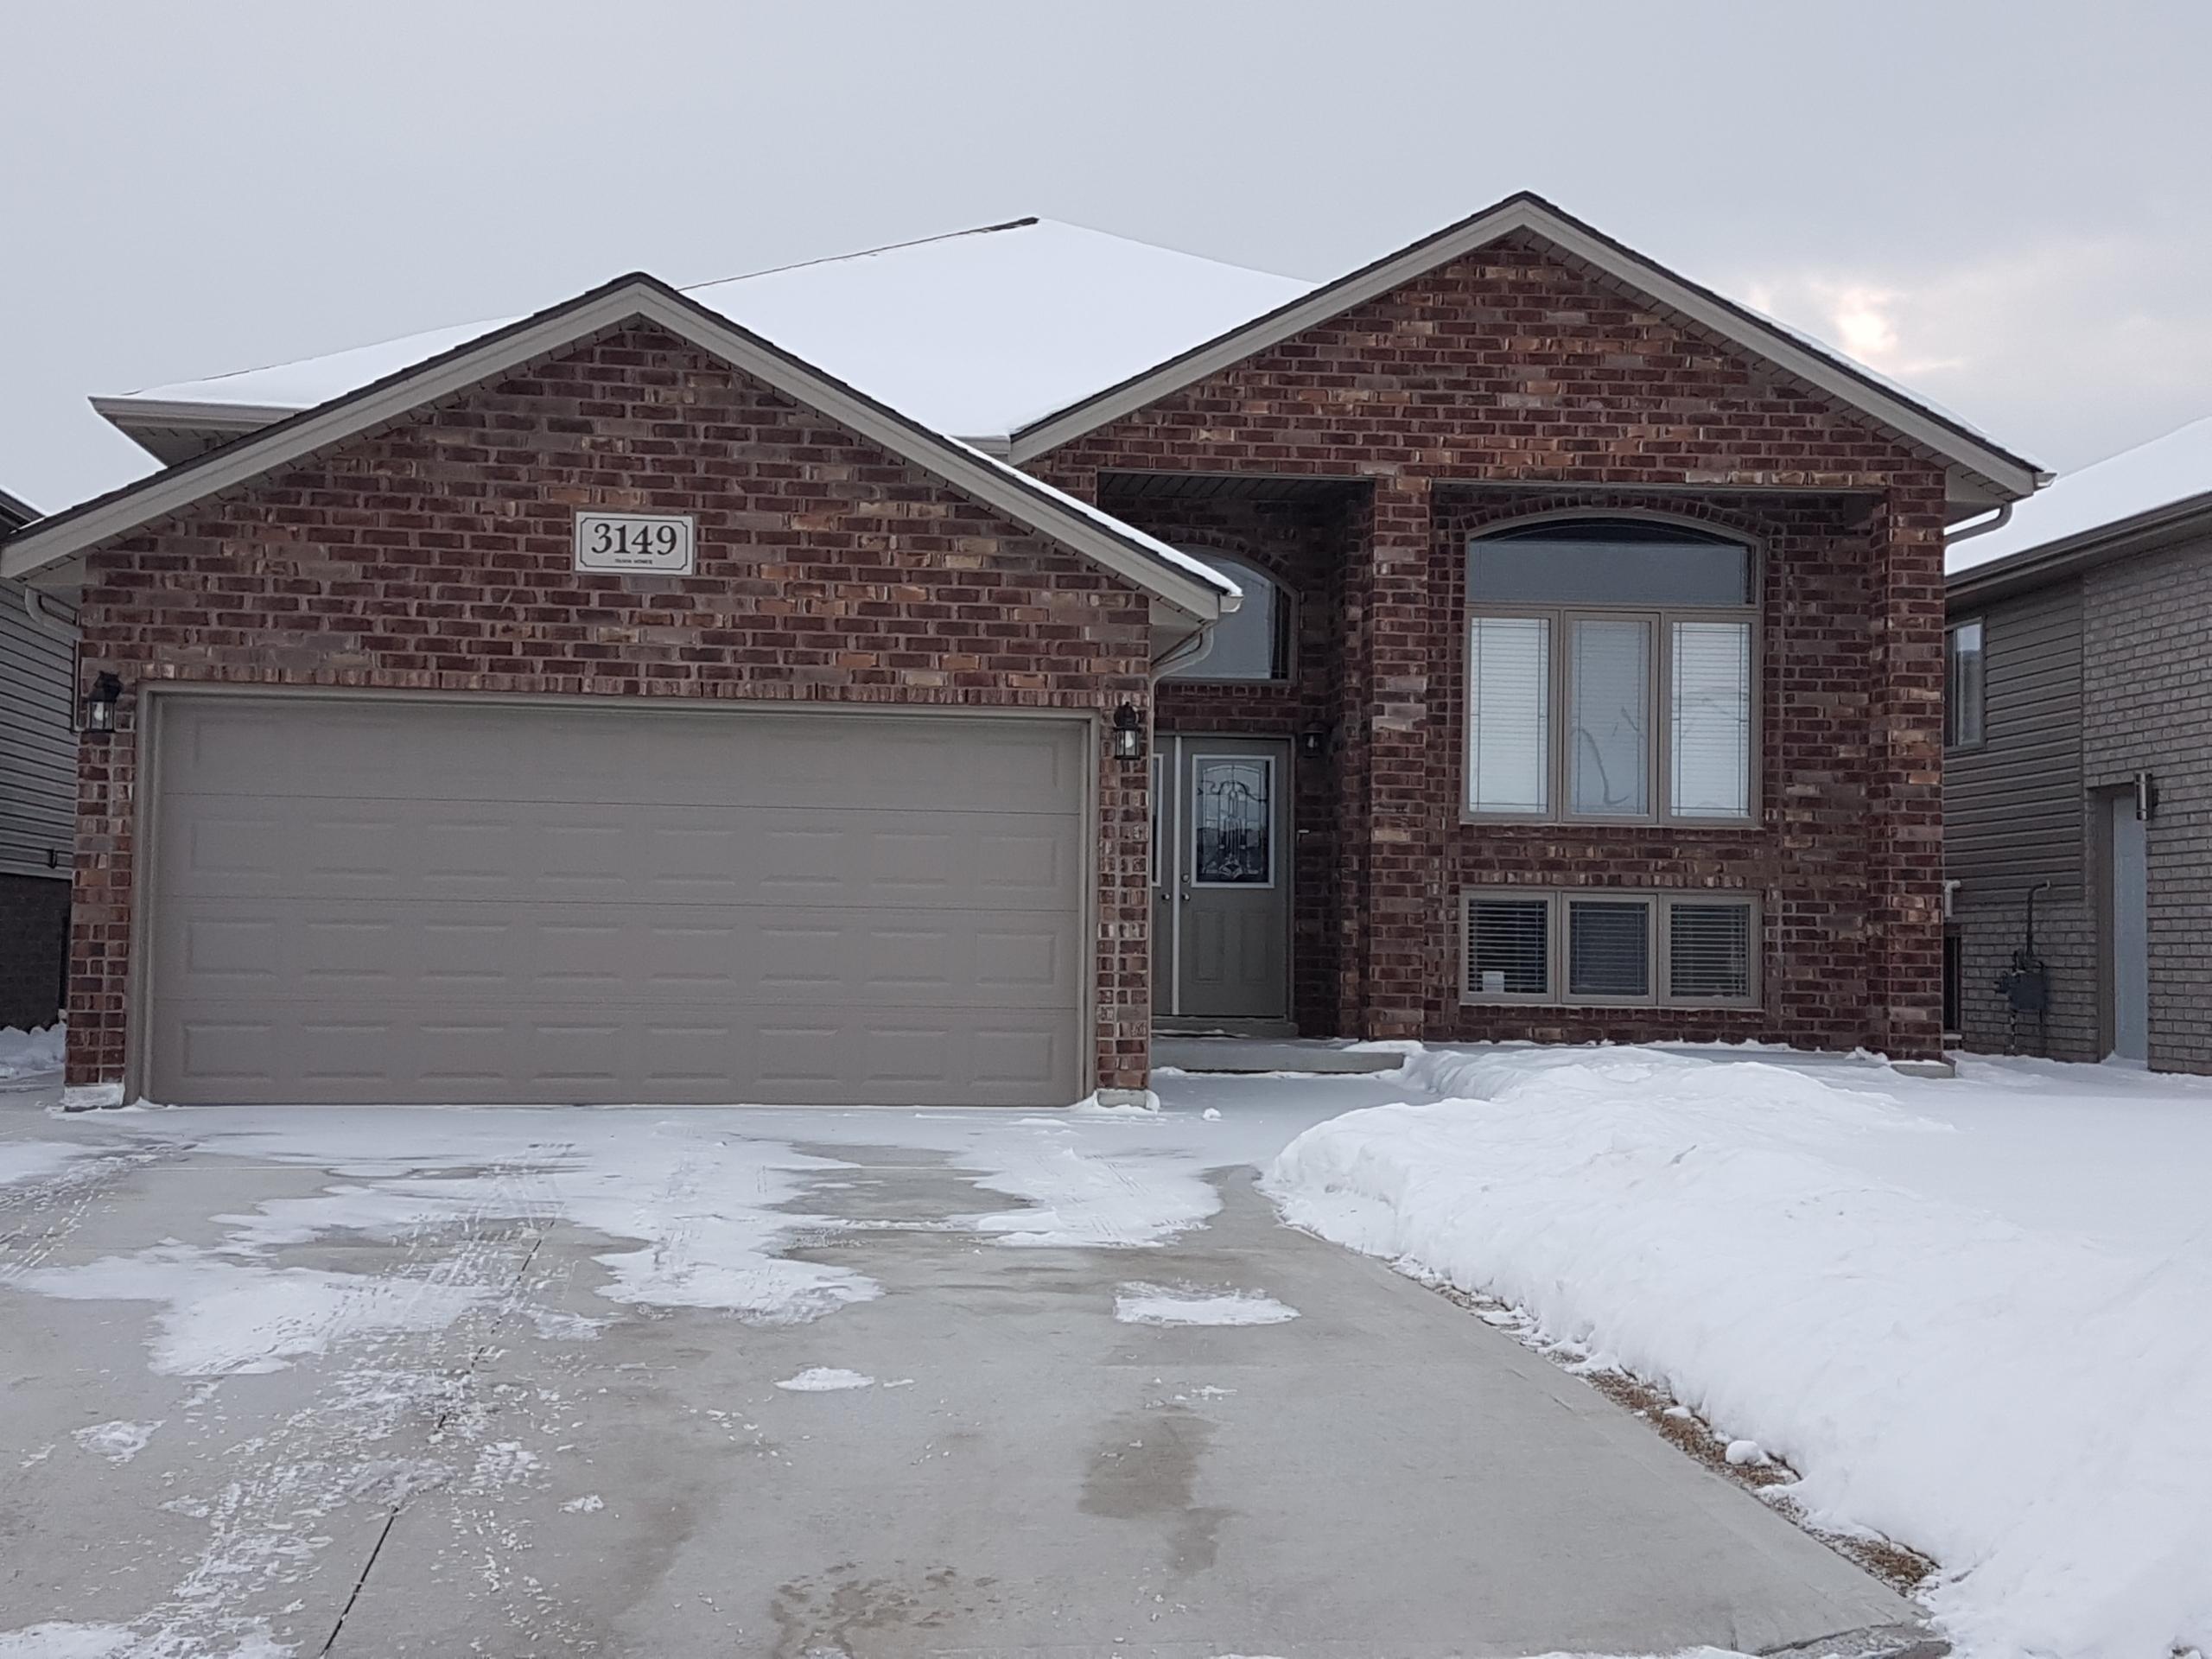 3149 Arpino Ave, Windsor, ON N8N 0A6, Canada